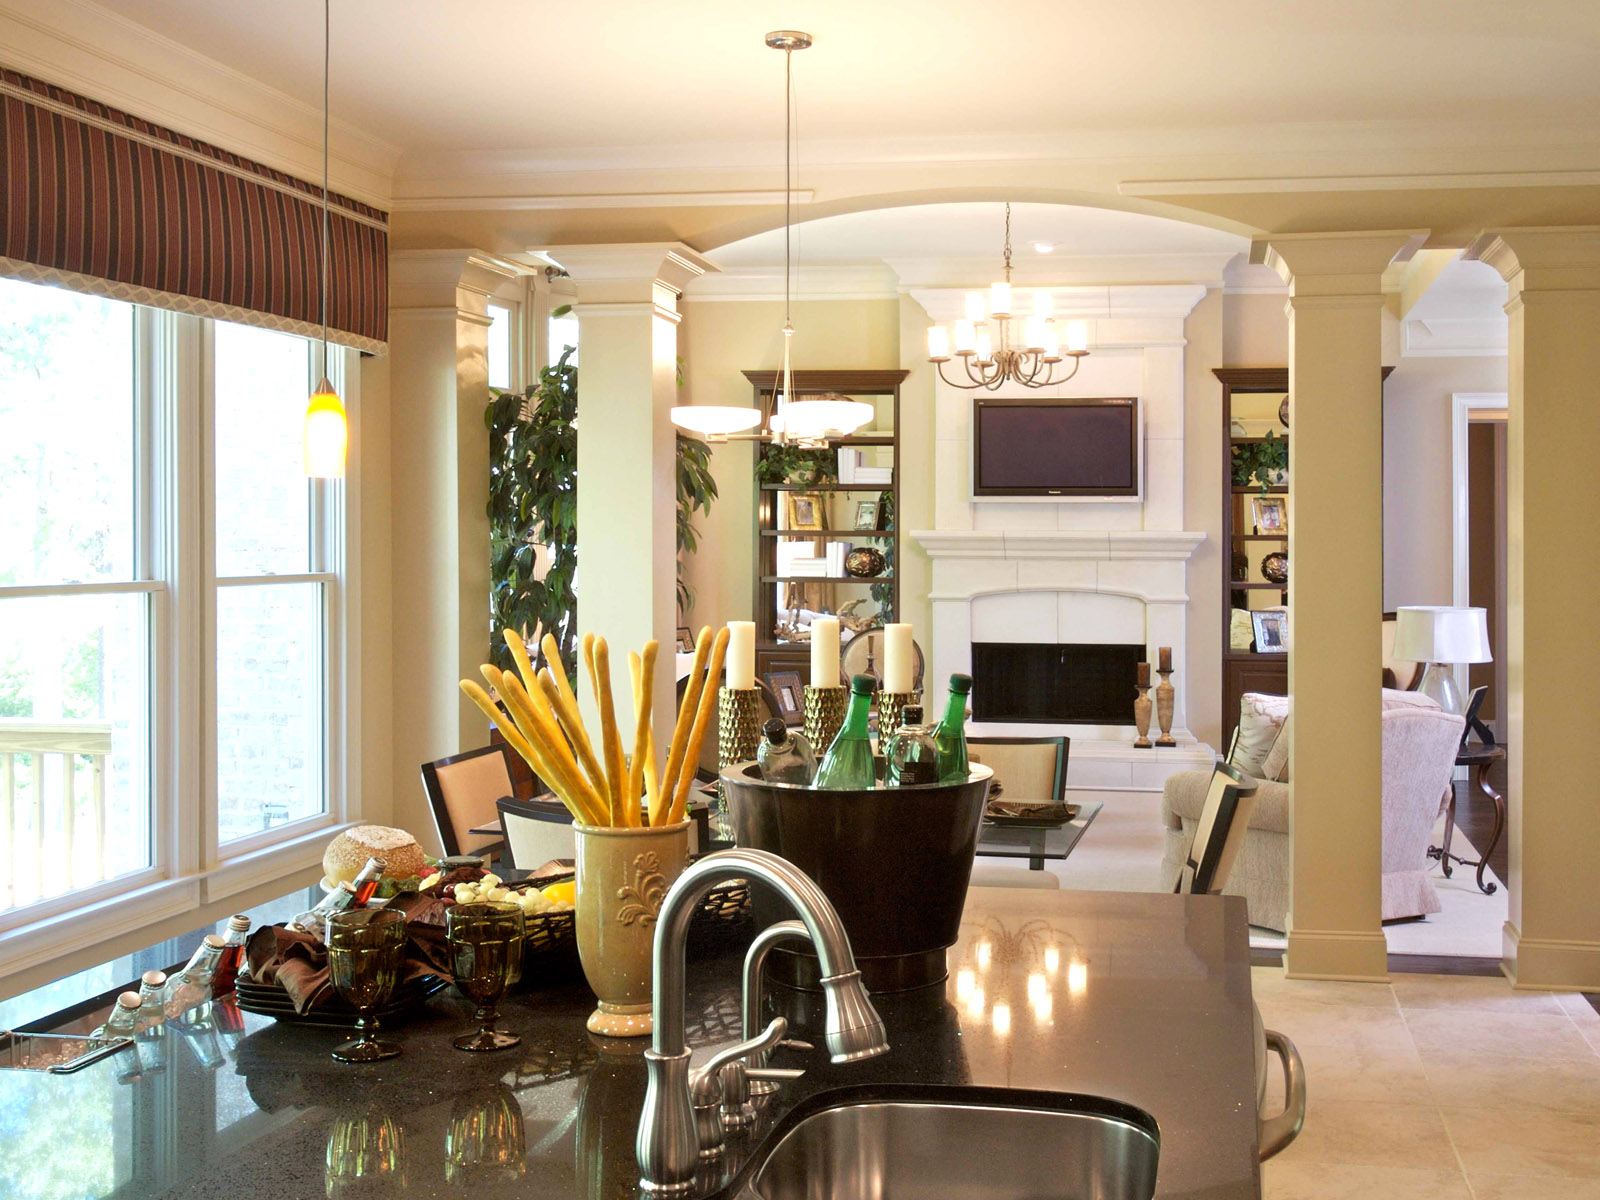 Колонны для разделения зон гостиной и кухни